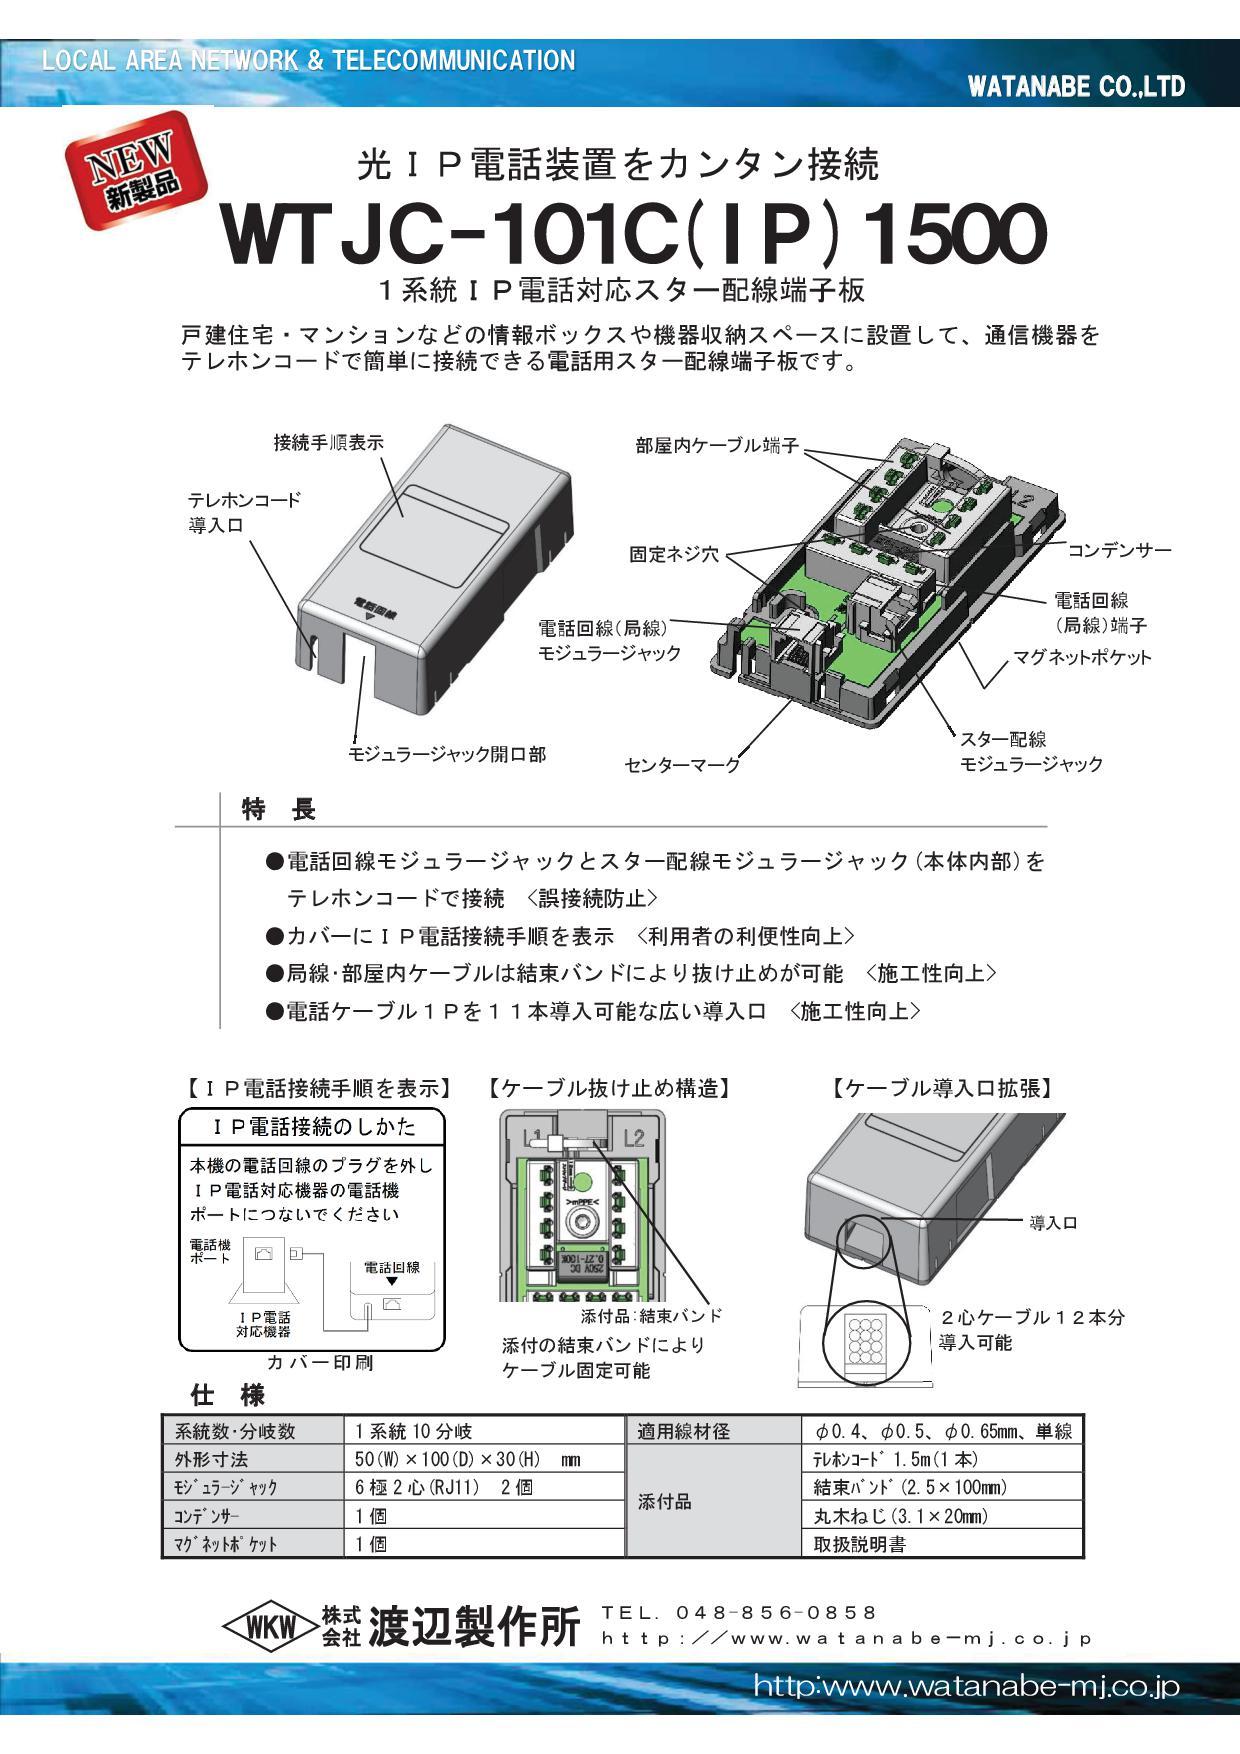 WTJC-101C(IP)1500パンフ【2版】 (1) (1)